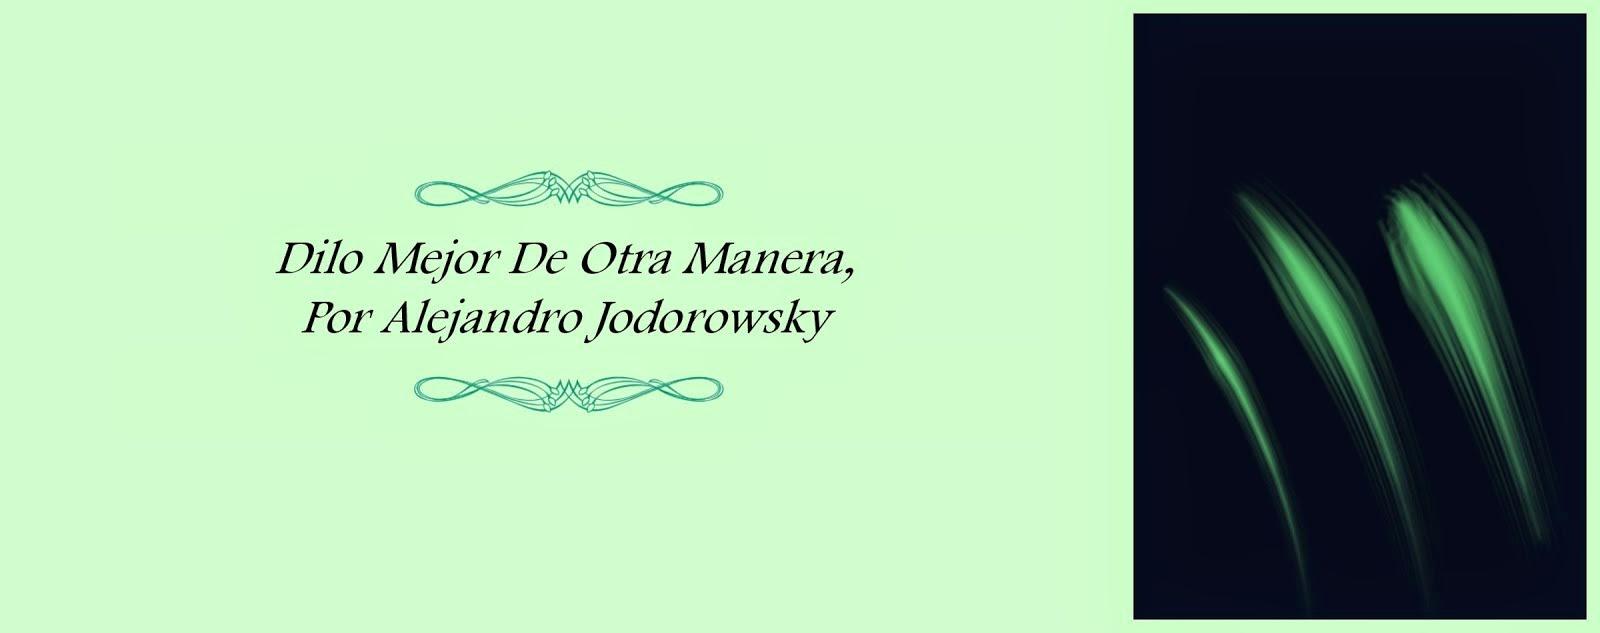 Dilo Mejor De Otra Manera, Por Alejandro Jodorowsky